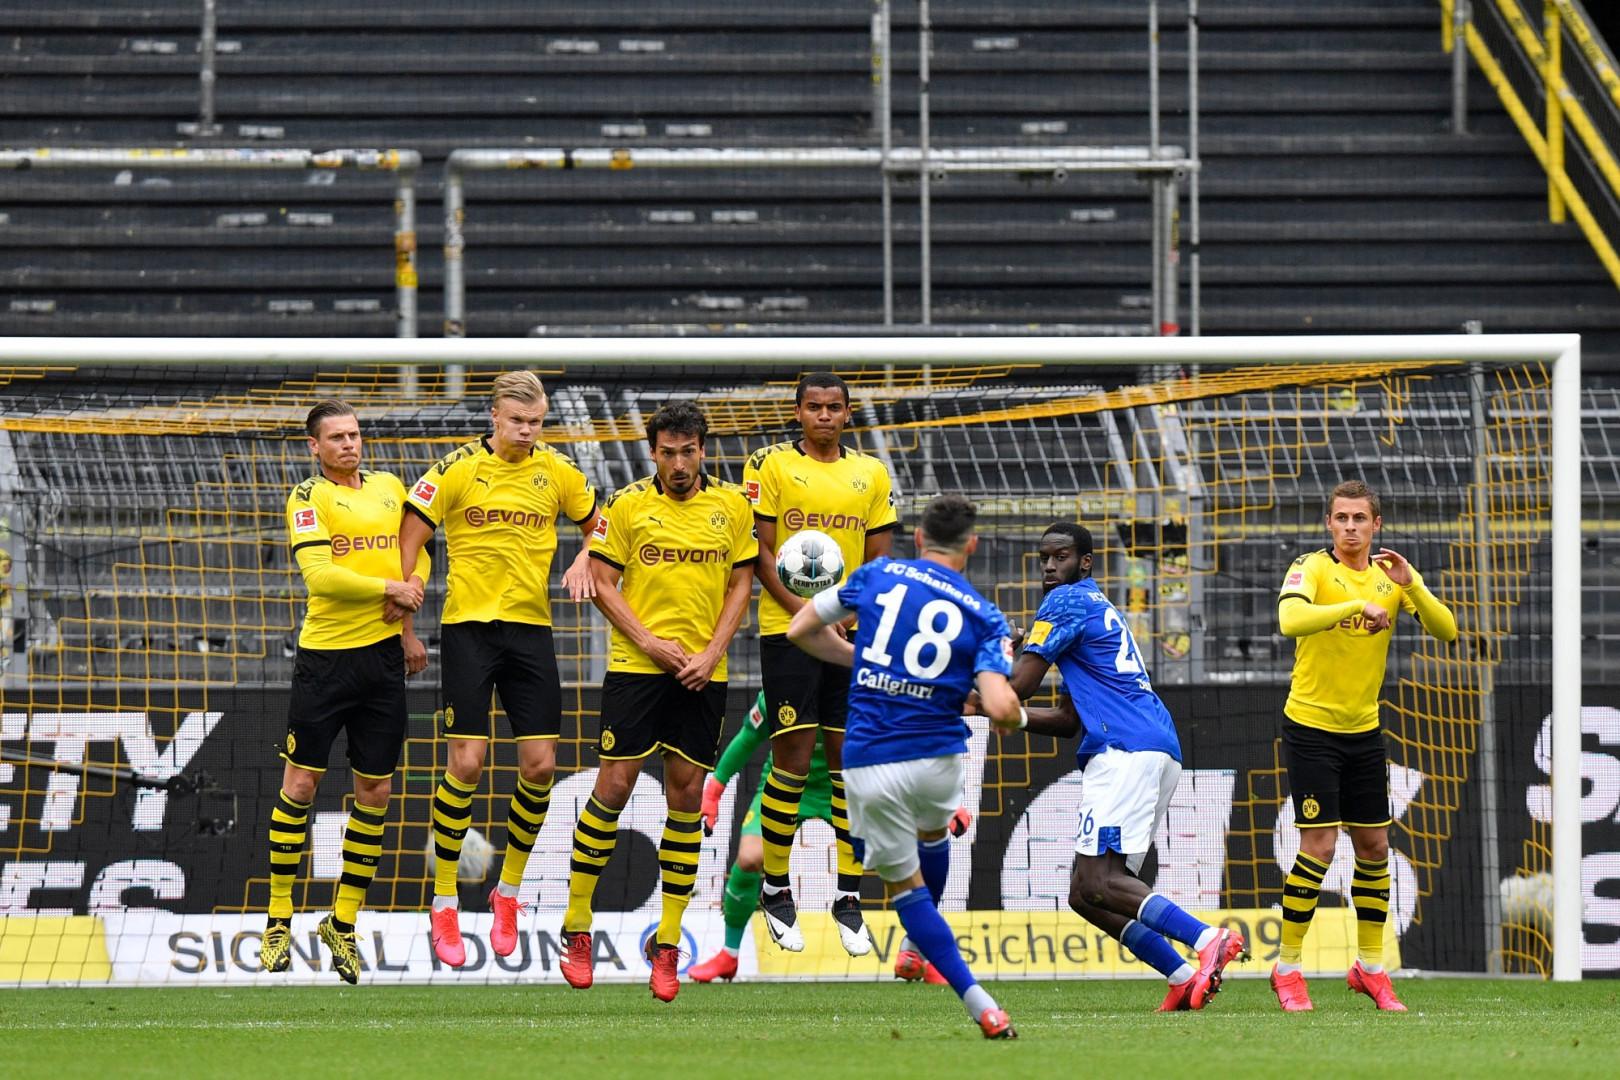 16 mai : le football reprend en Allemagne. Suivront l'Angleterre, l'Espagne et l'Italie